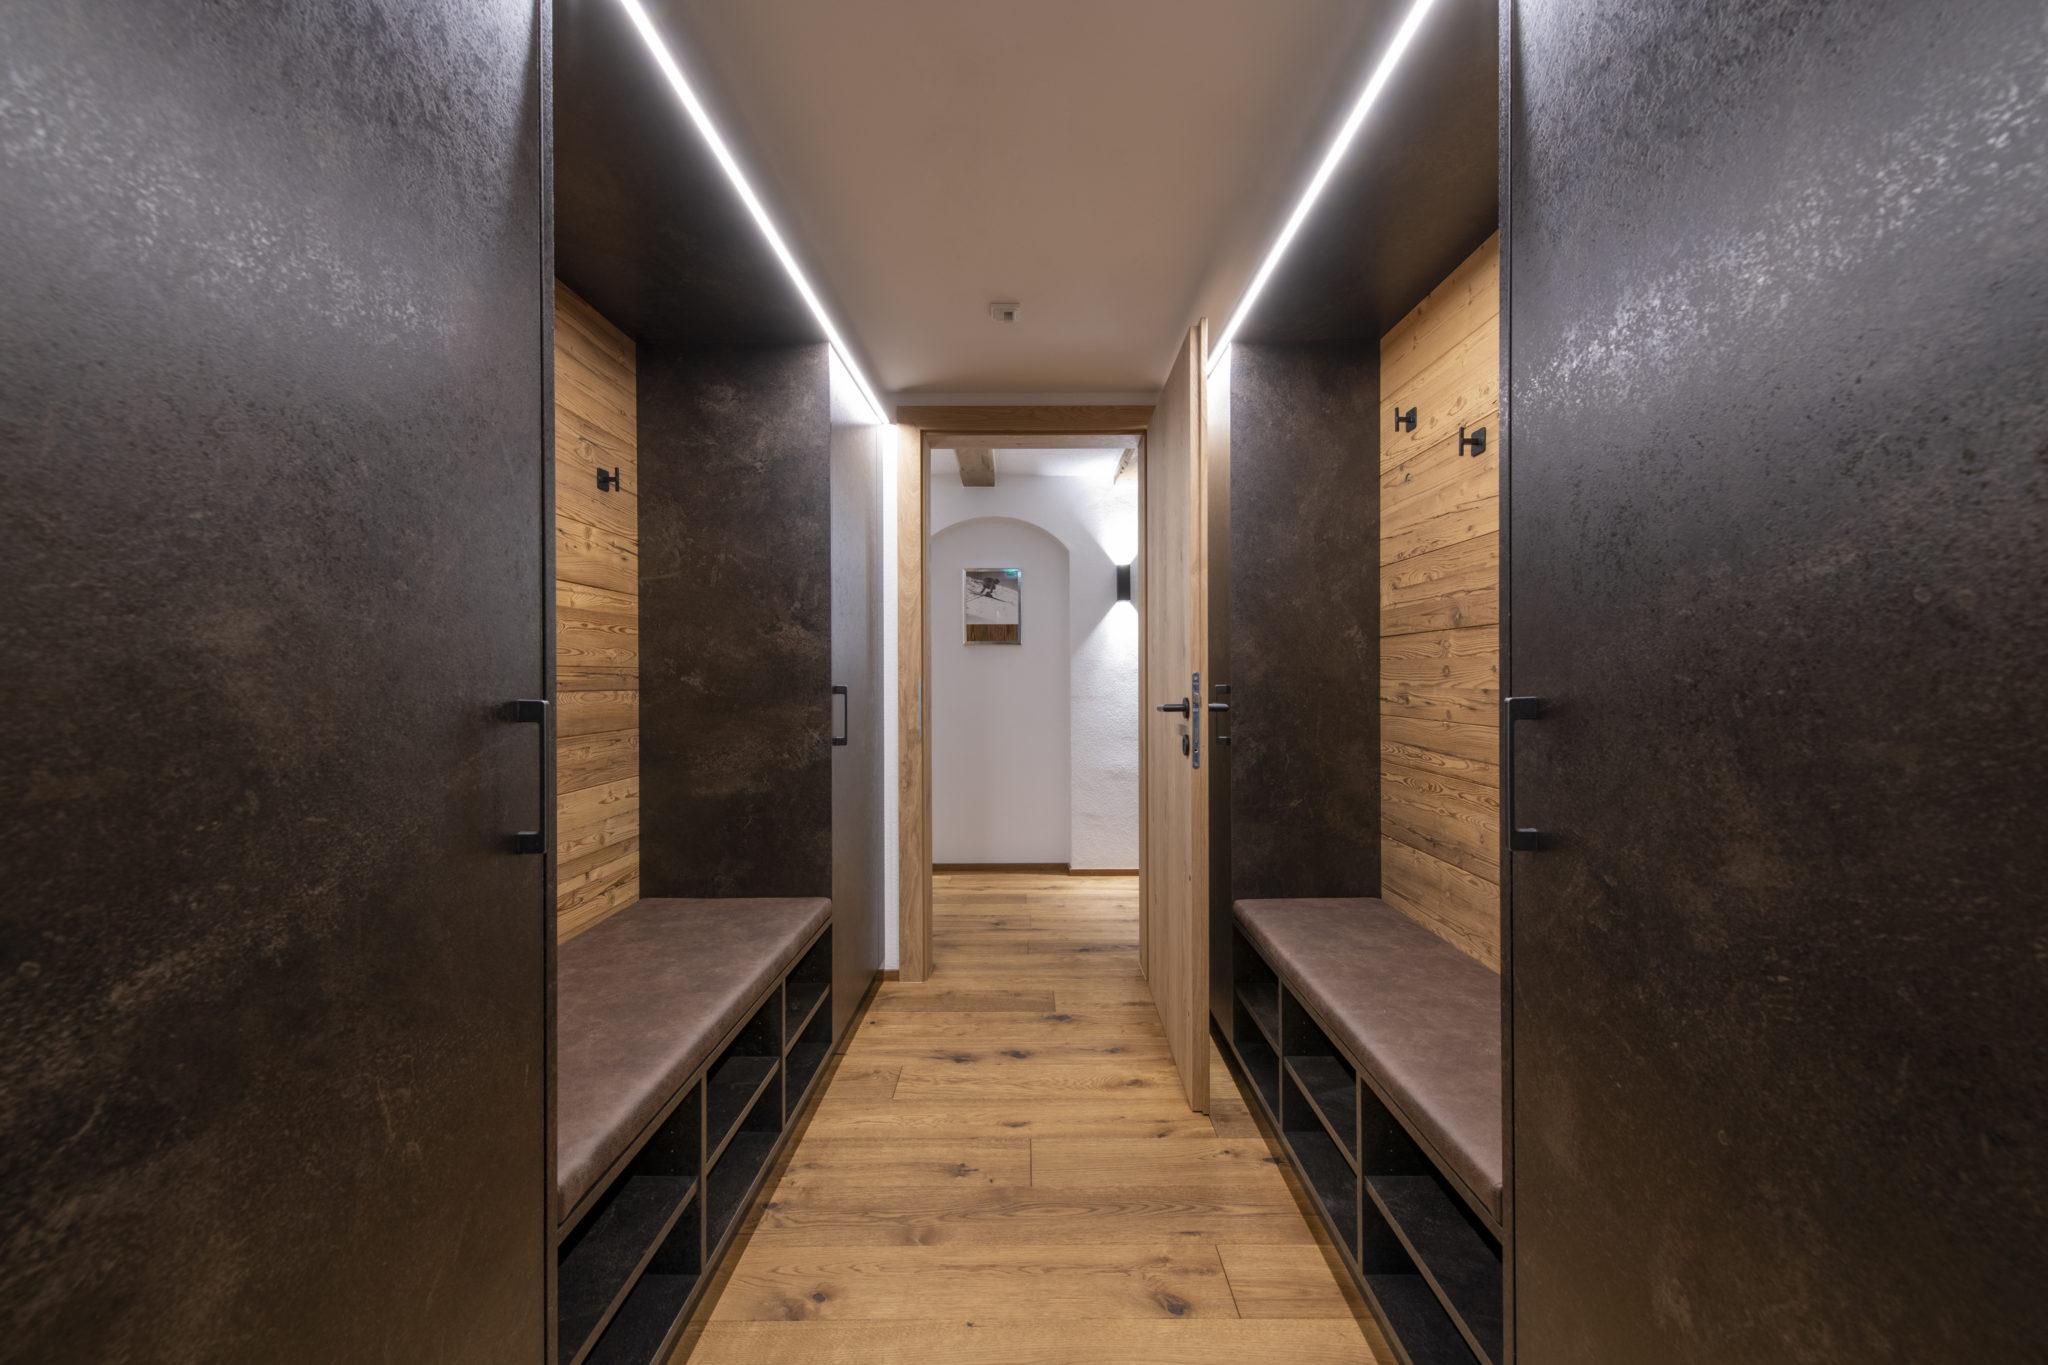 bhlhof-penthouse-11402-scaled